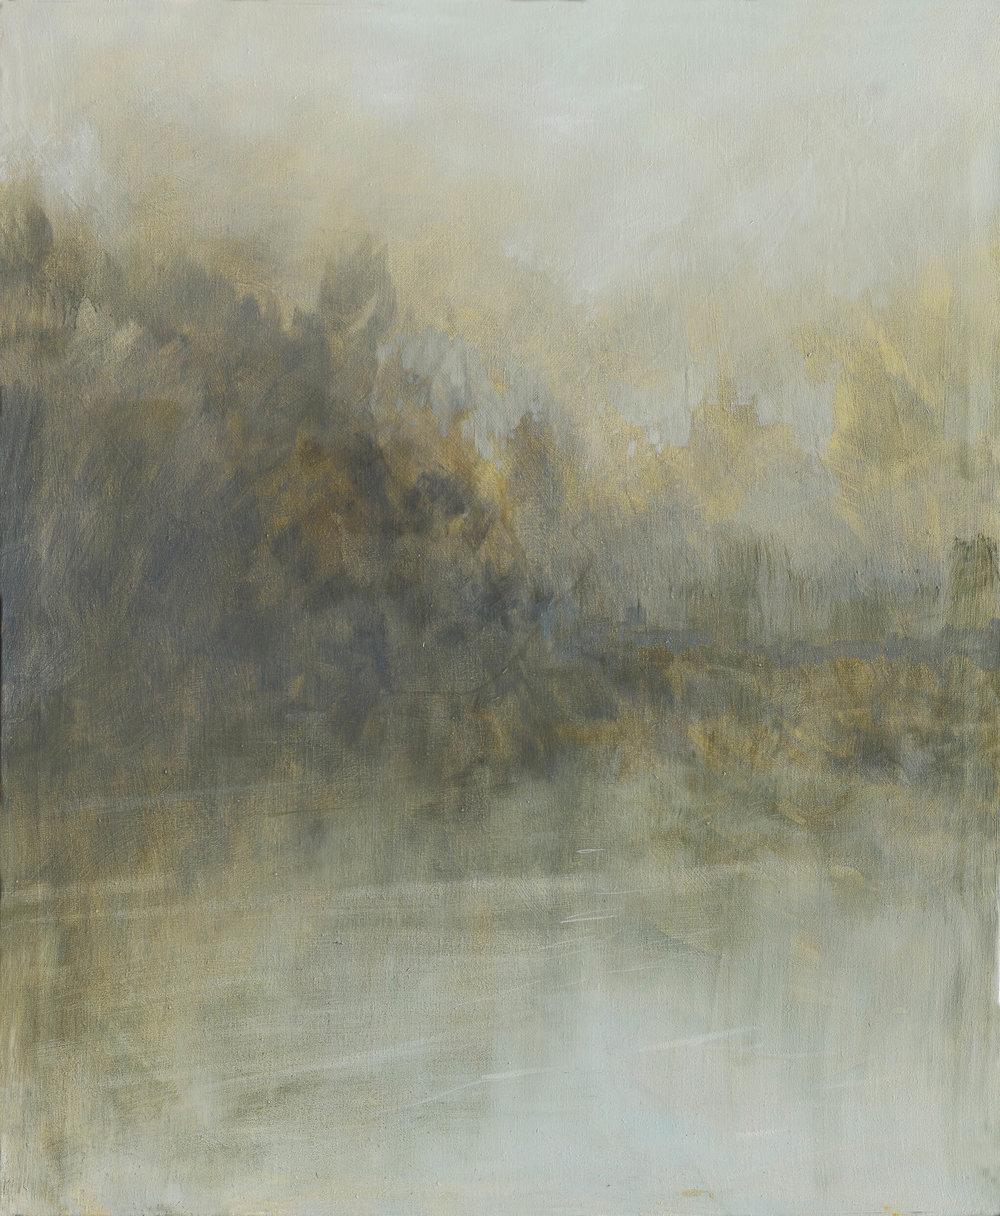 RHSK114 Matsubarako Lake Summer Dusk ( Oil on Linen ) 120 x 110 cm